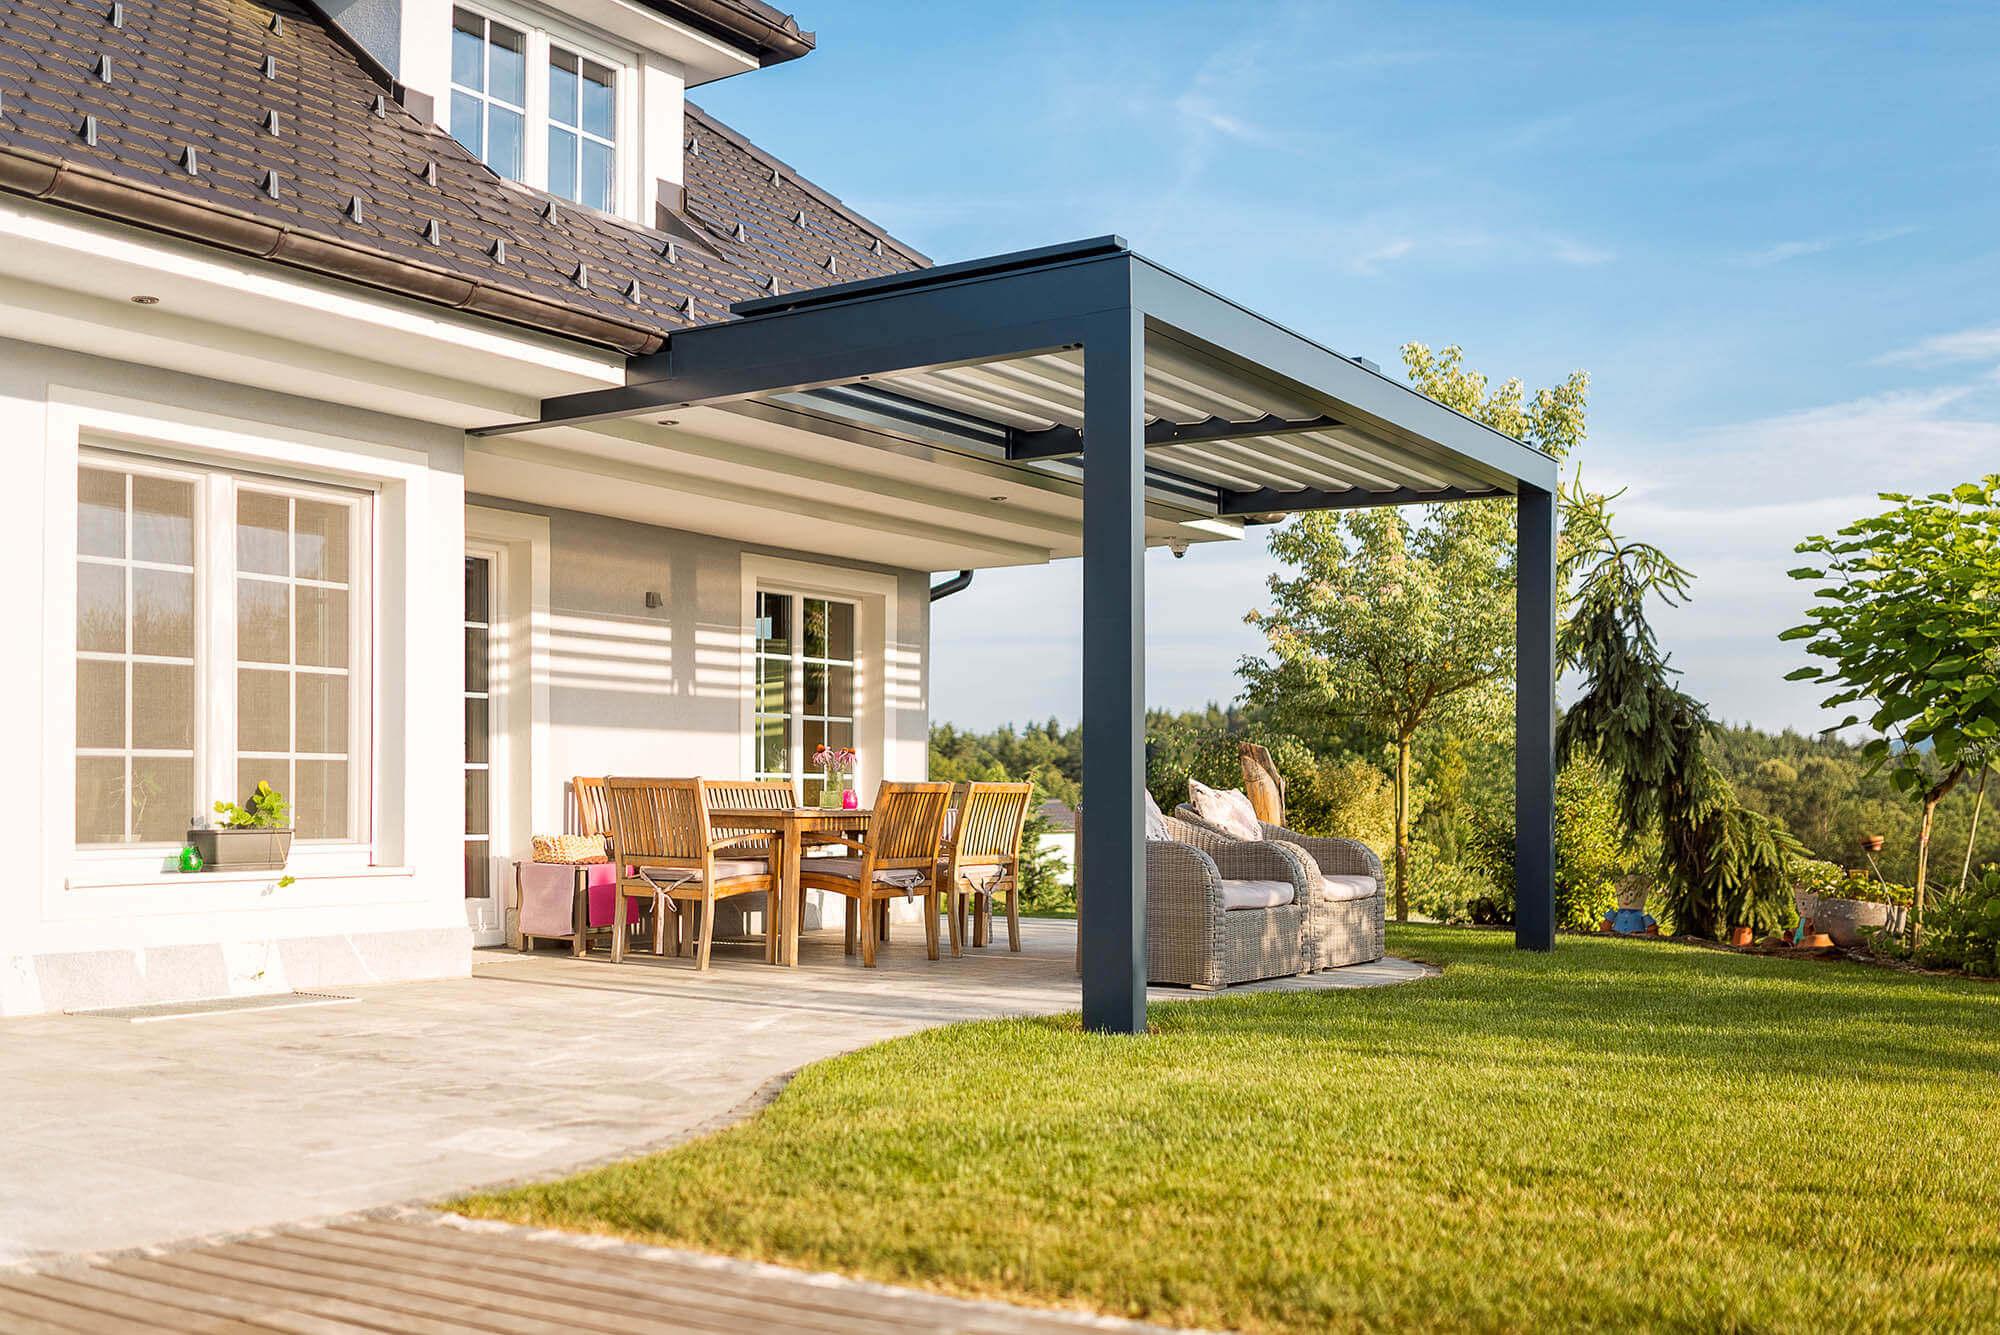 Die Lamellen Terrassenüberdachung als unser elegantes Premiumprodukt